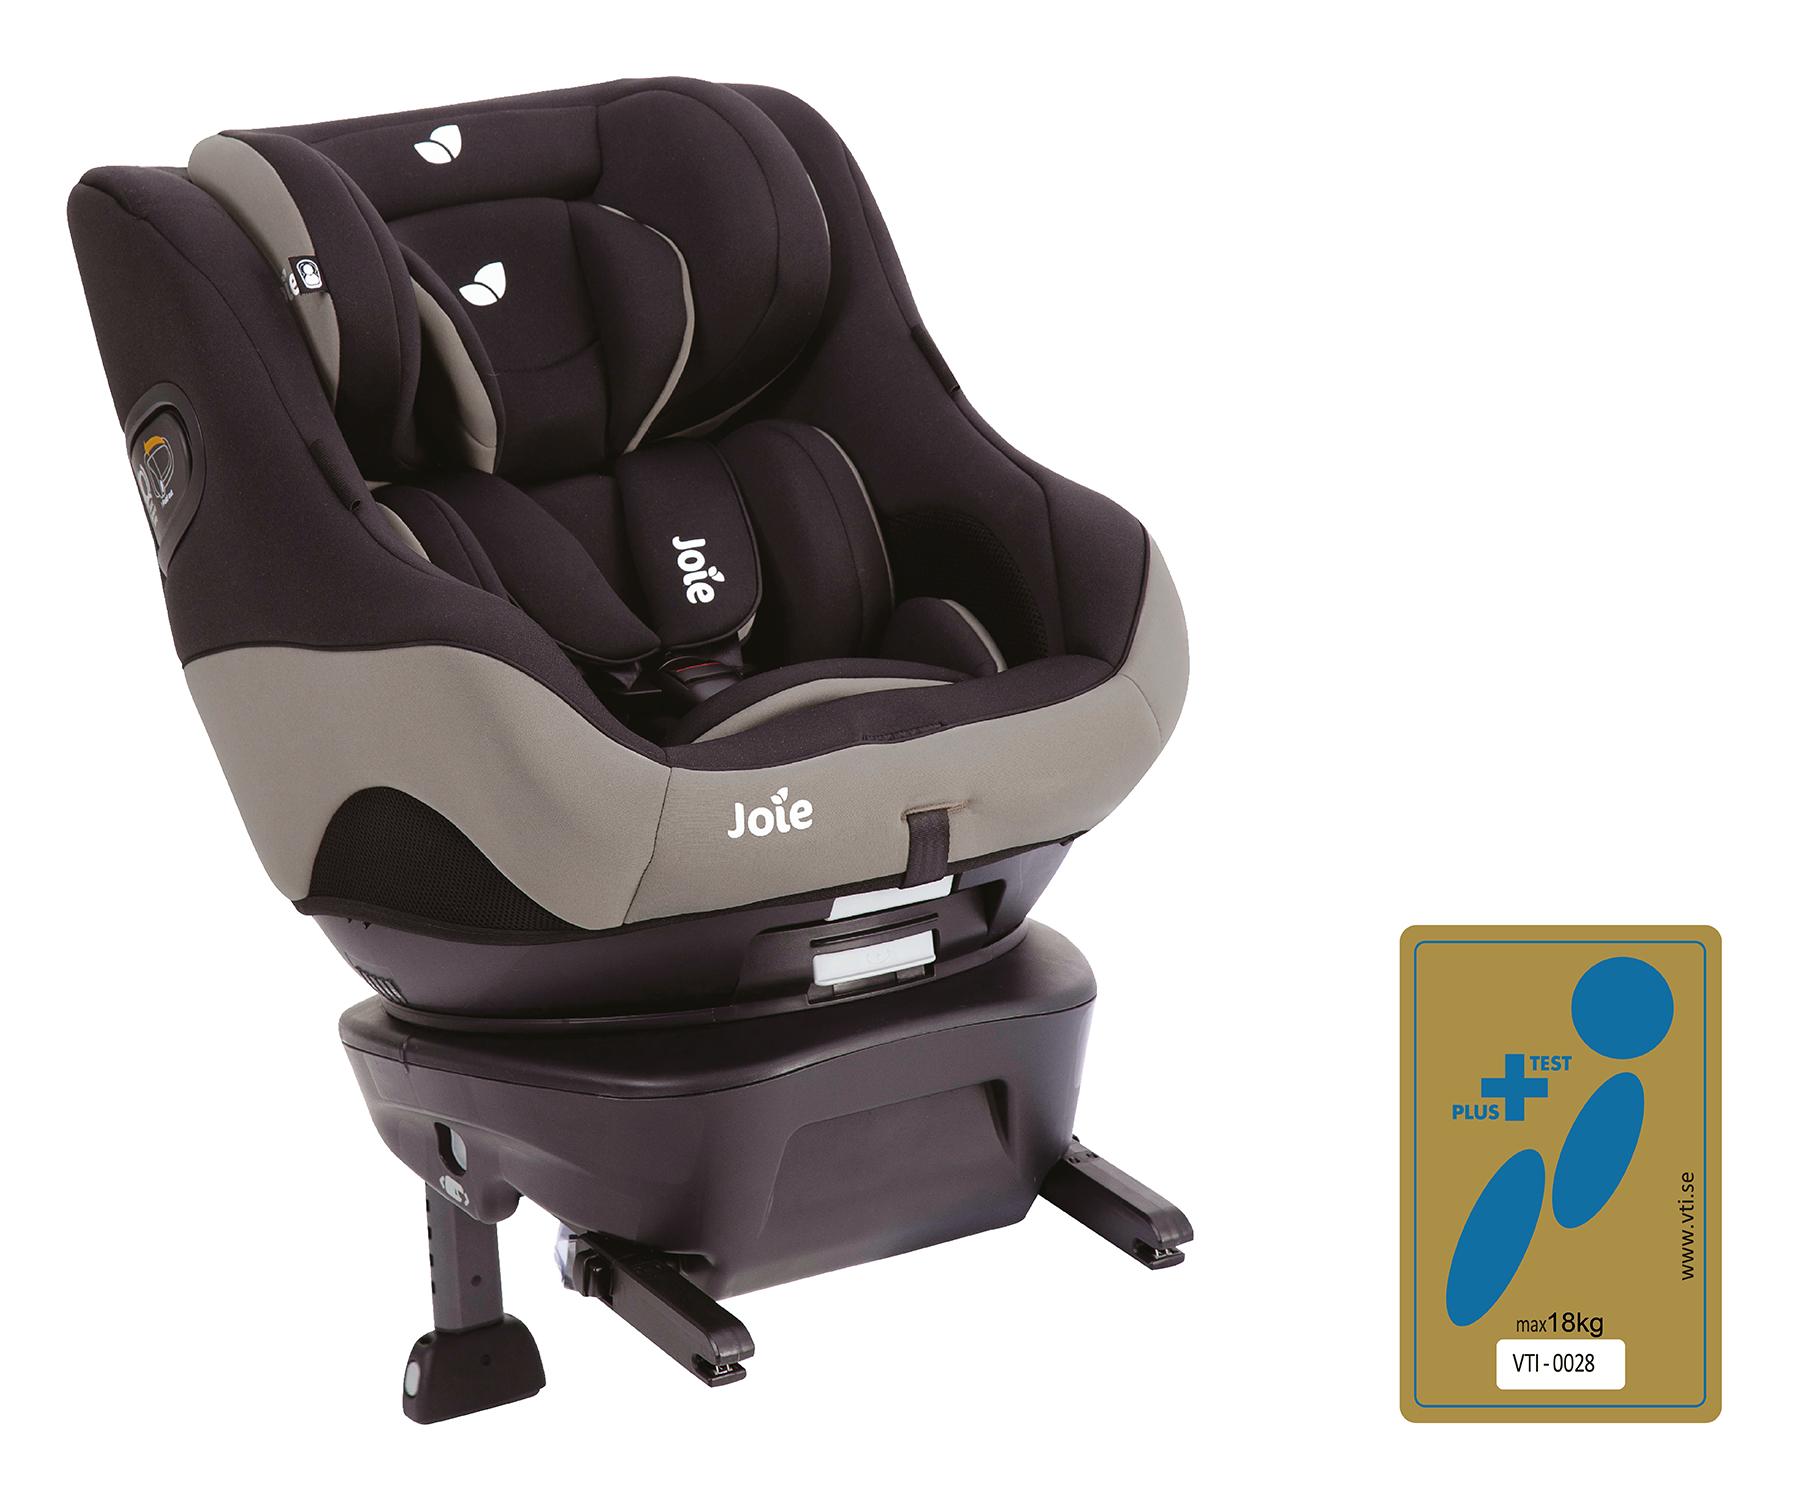 Joie Spin Safe Reboarder Babyschale/Kindersitz bis 18 kg